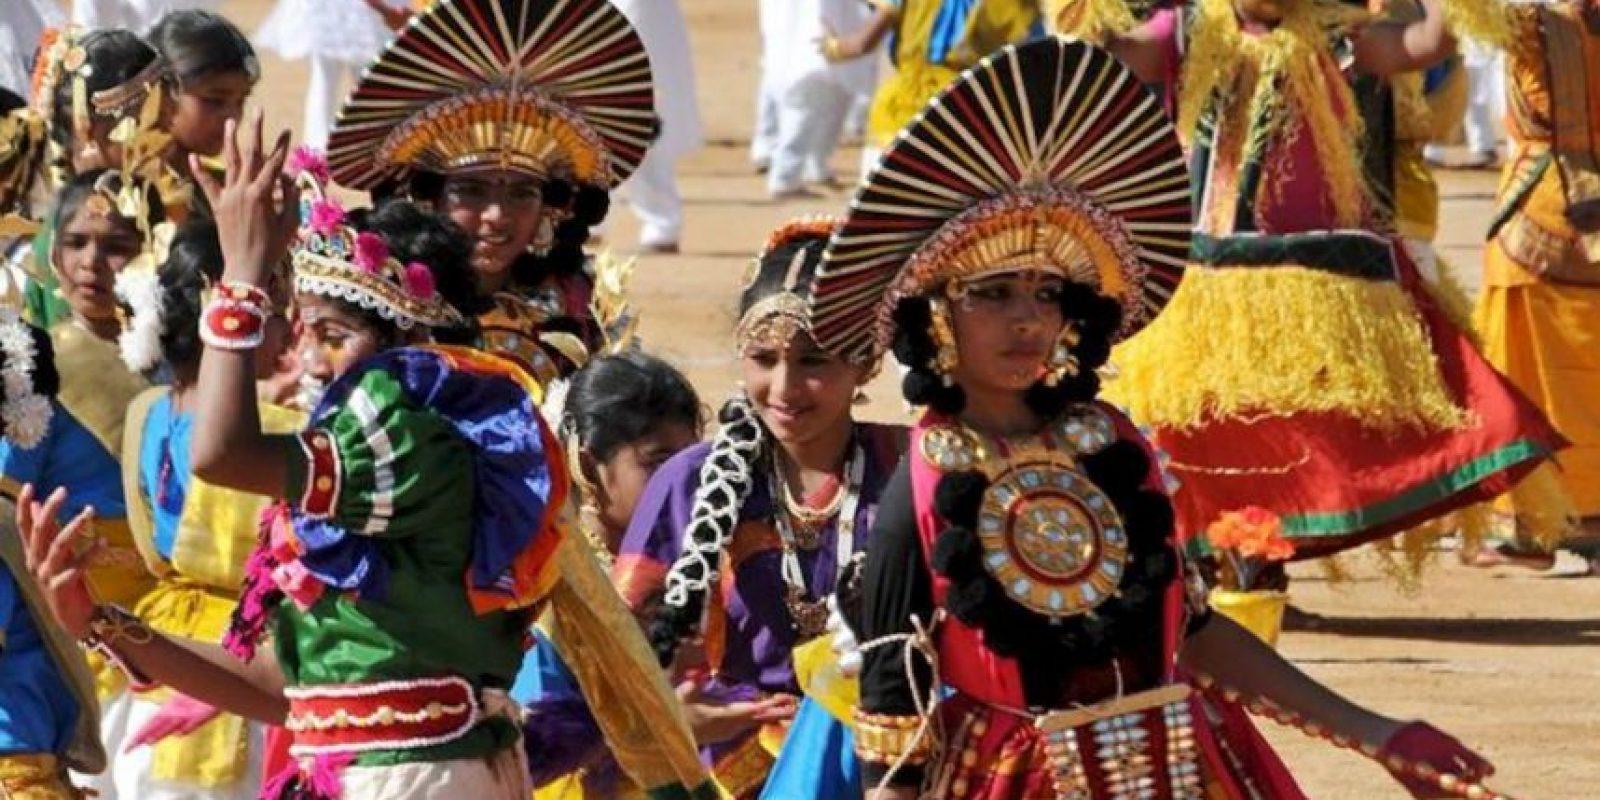 La India celebró hoy el día de la República, que conmemora la entrada en vigor de su Constitución (1950), con un desfile militar y cultural que contó con la presencia de sus principales dirigentes. EFE